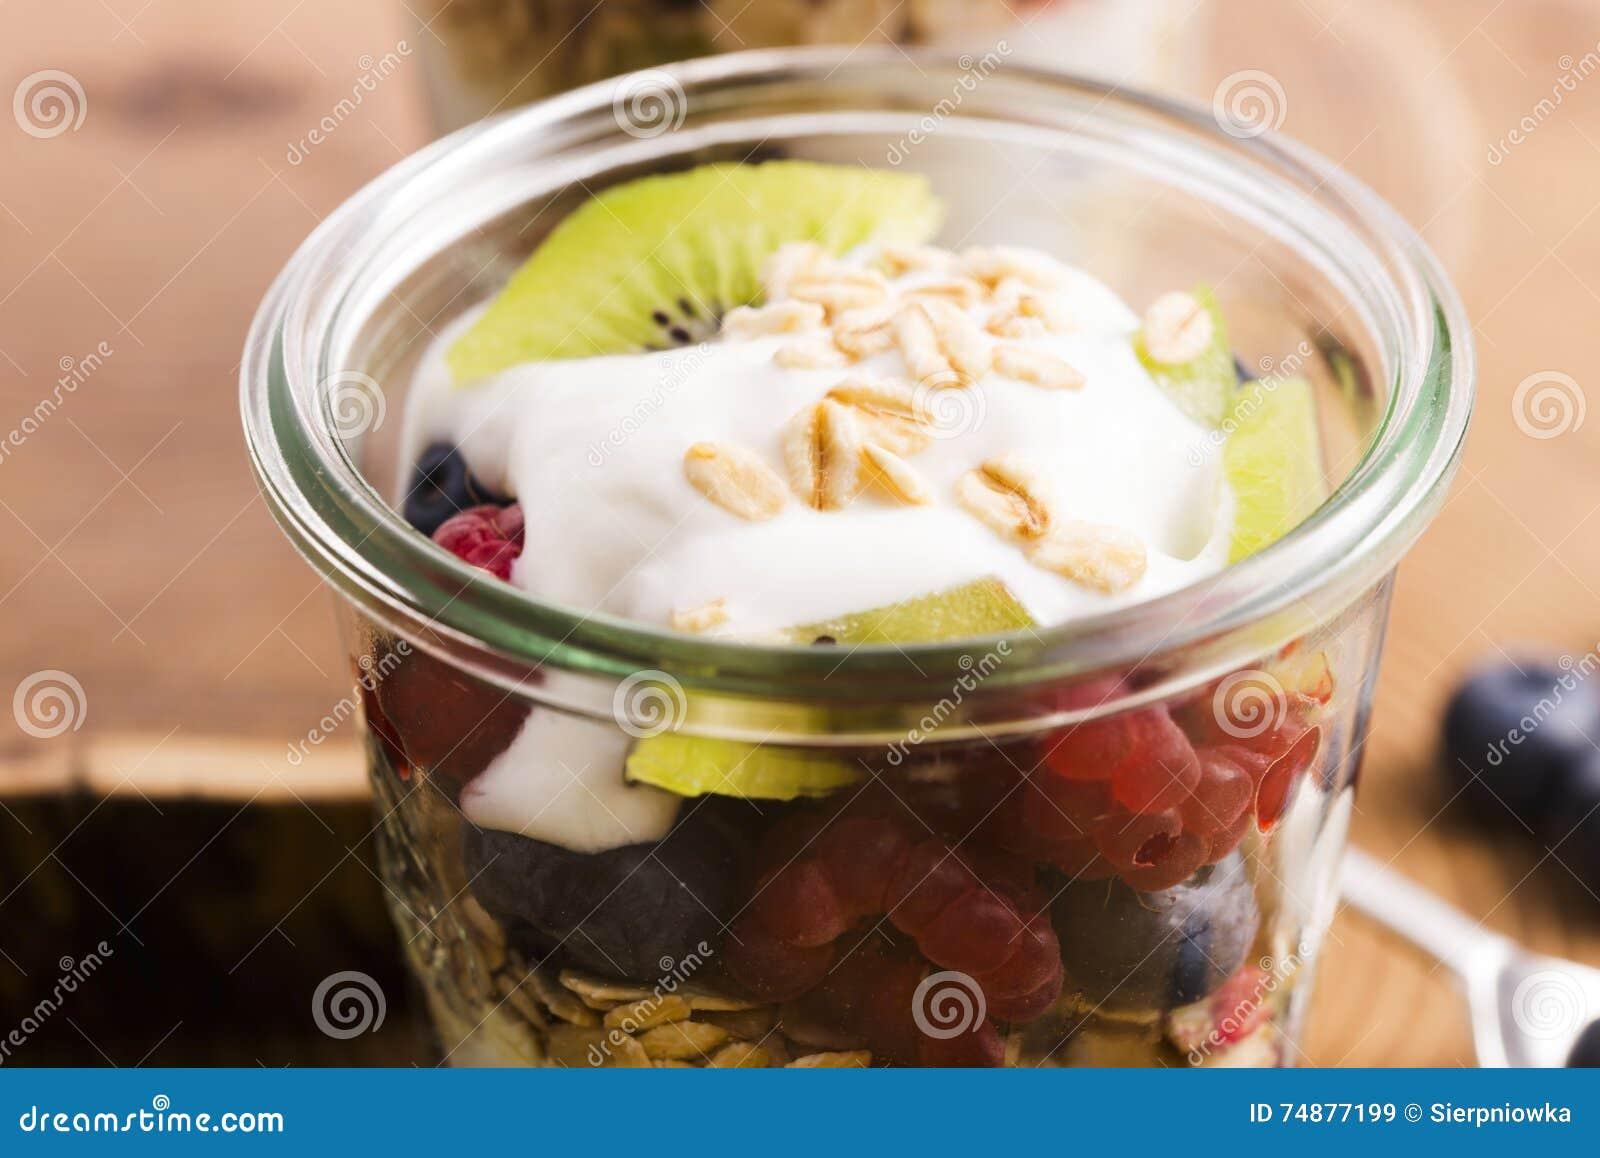 Musli serviu com joghurt e frutos frescos